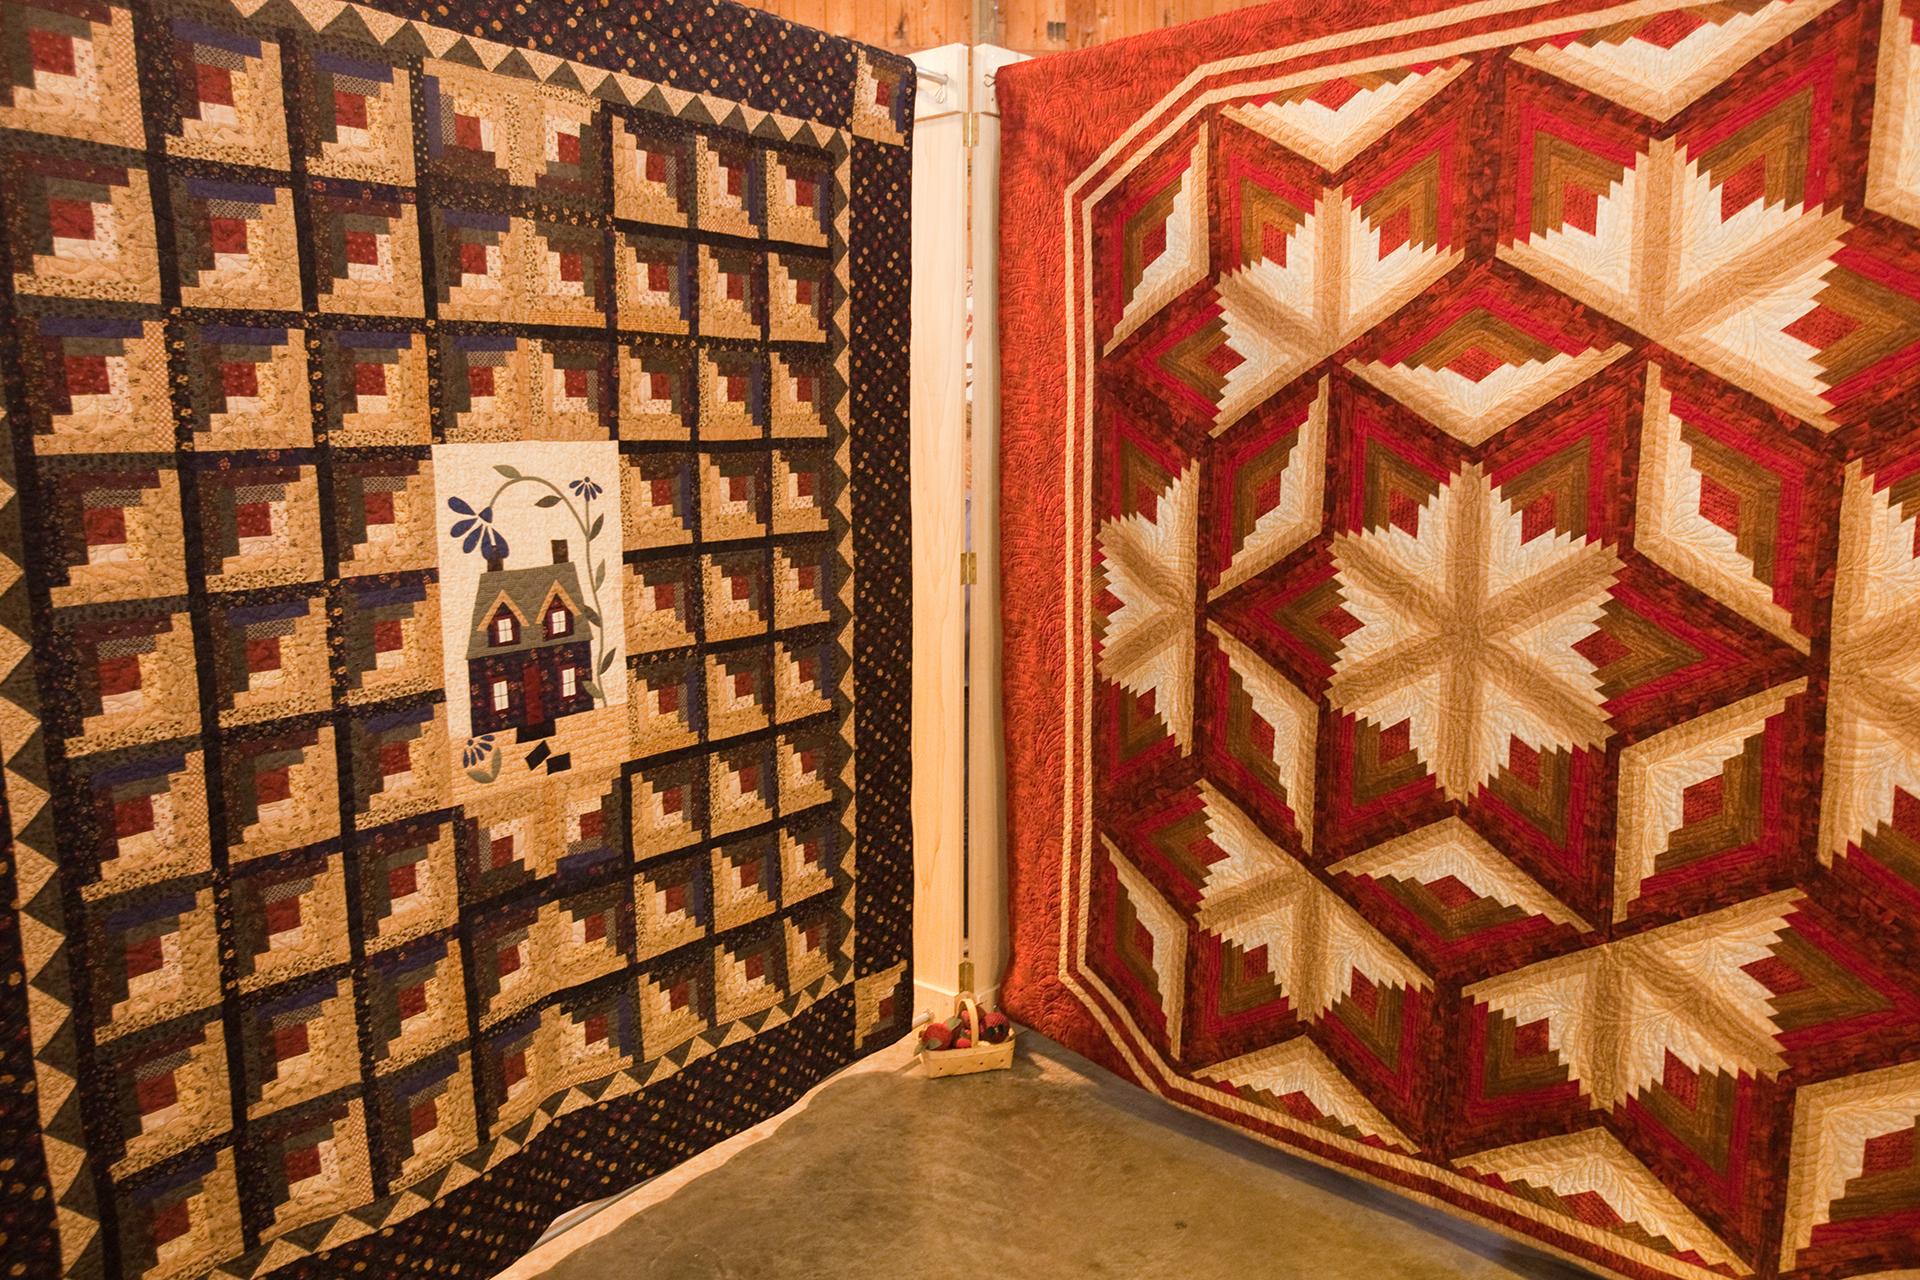 26th Annual Autumn Quilt show